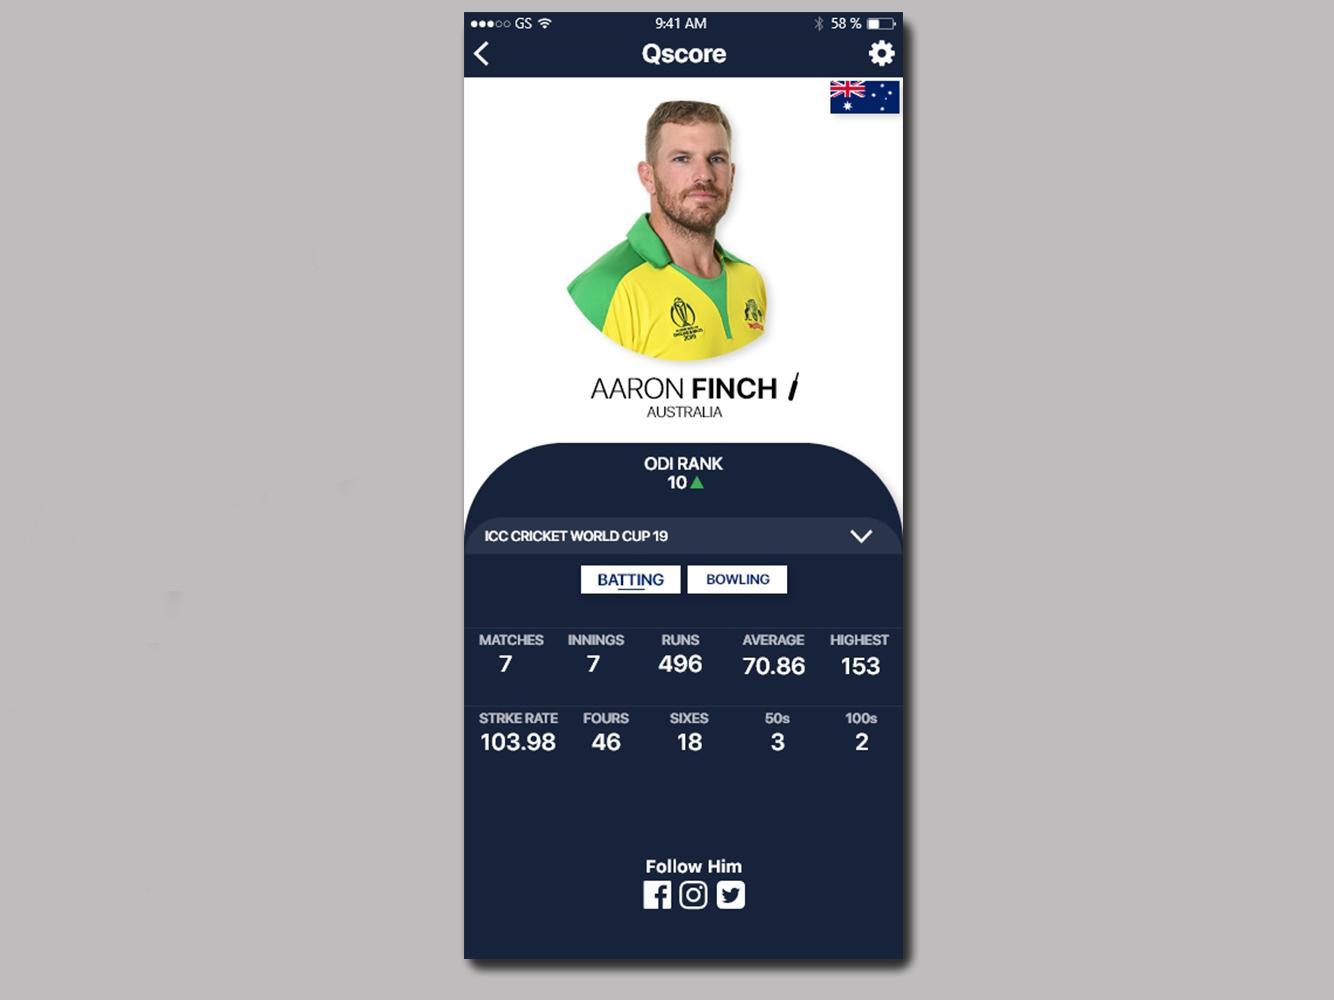 Player Profile Ui app ux  ui design adobexd ux xd app design uiuxdesign user interface ux design ui design ui